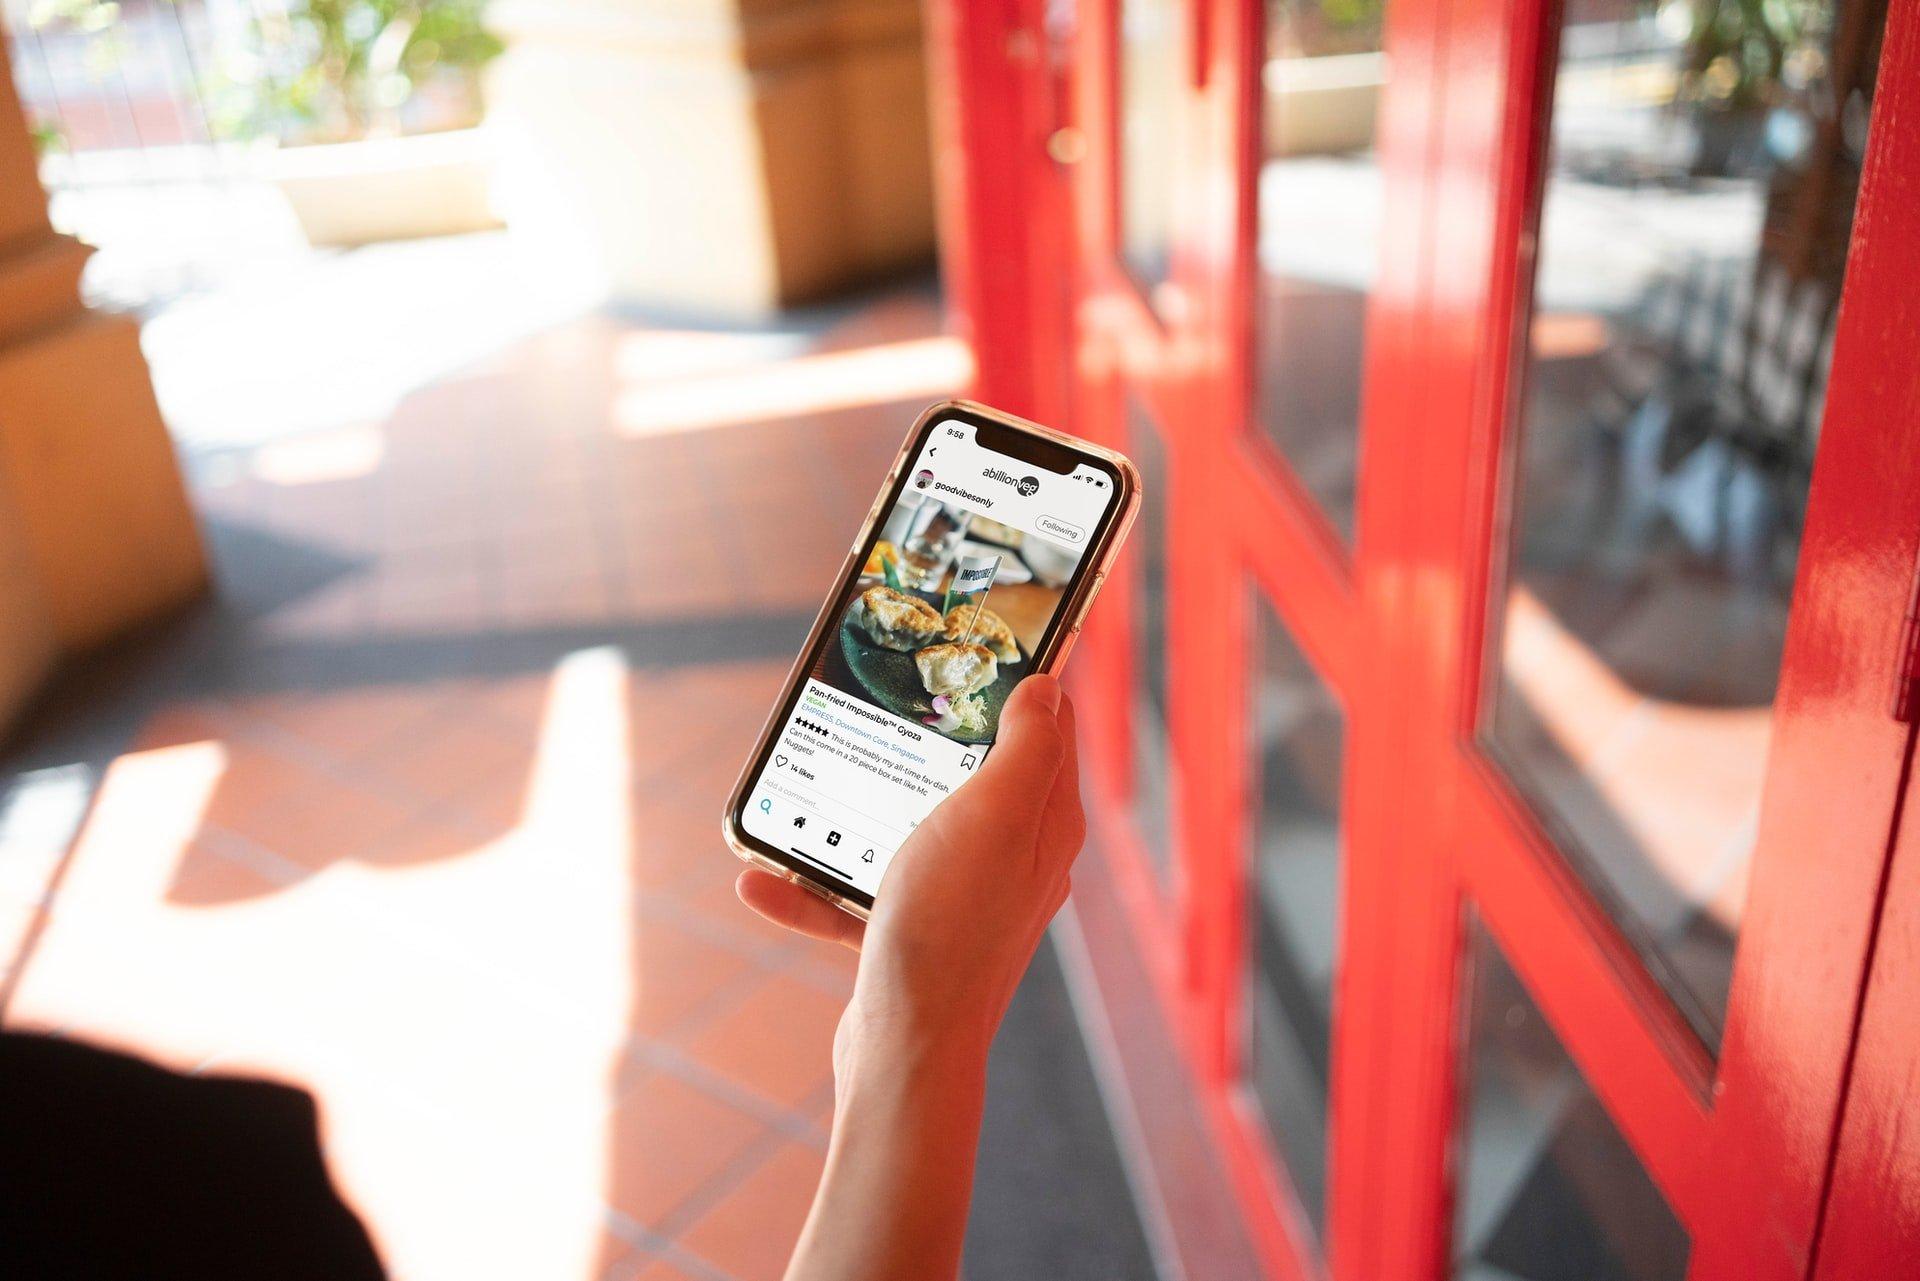 mobil v ruke